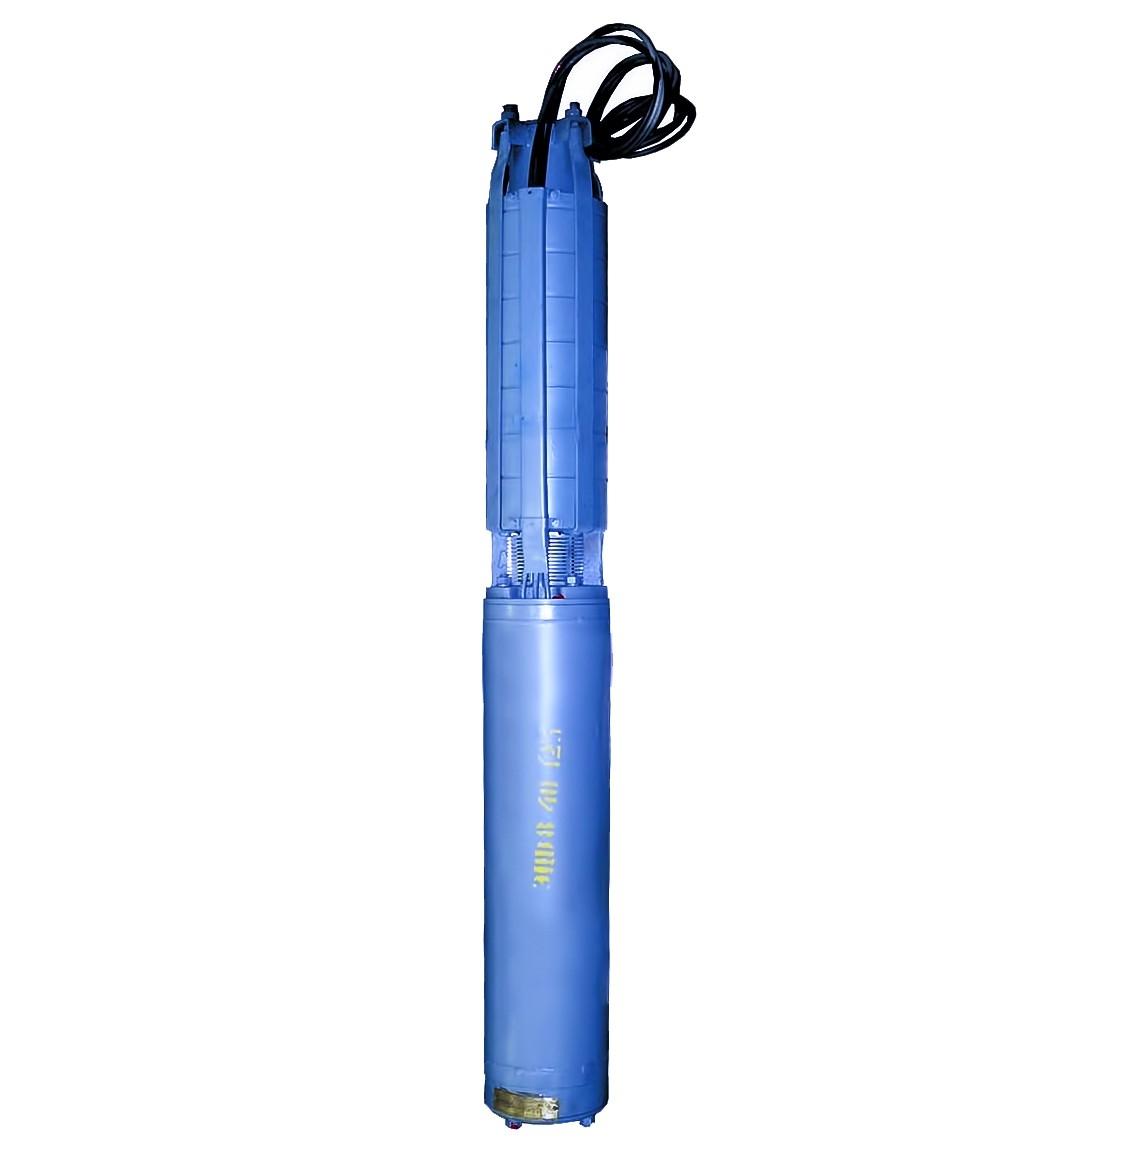 Погружной насос ЭЦВ 6-6,5-225 армлен